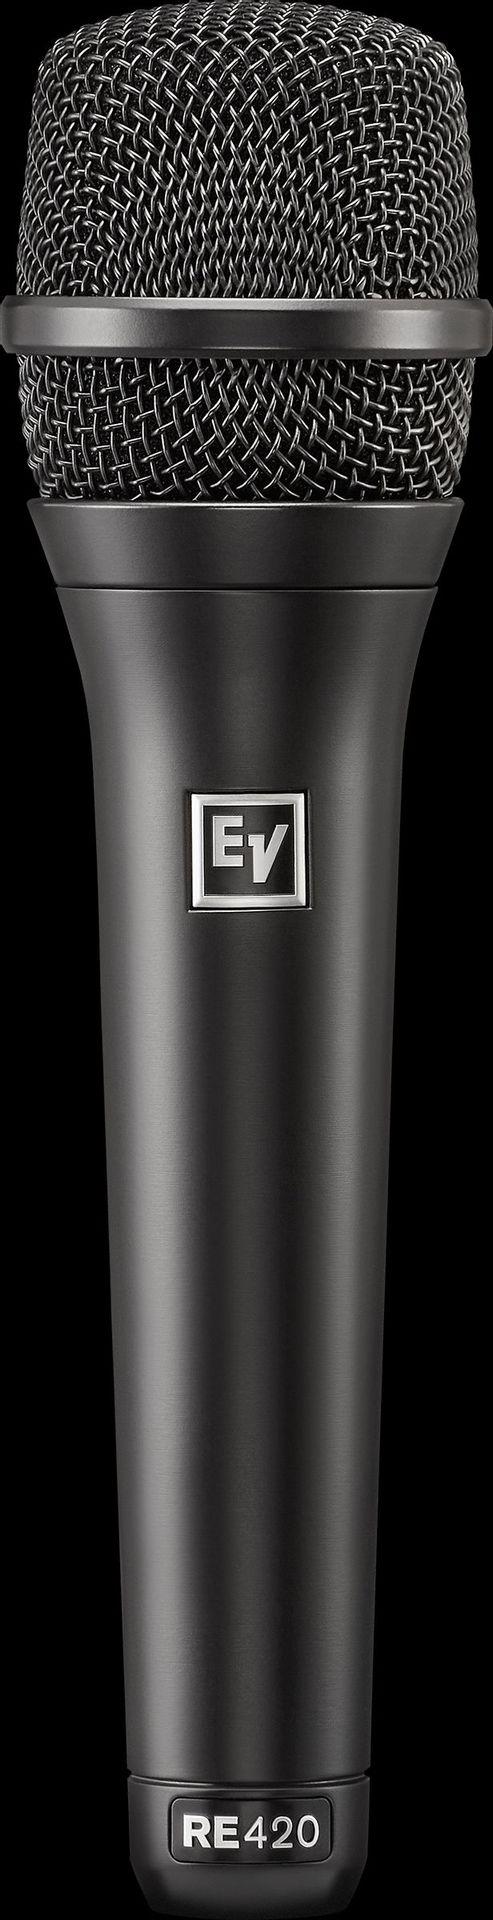 Electro Voice EV RE420 Kondensator Gesangsmikrofon Niere